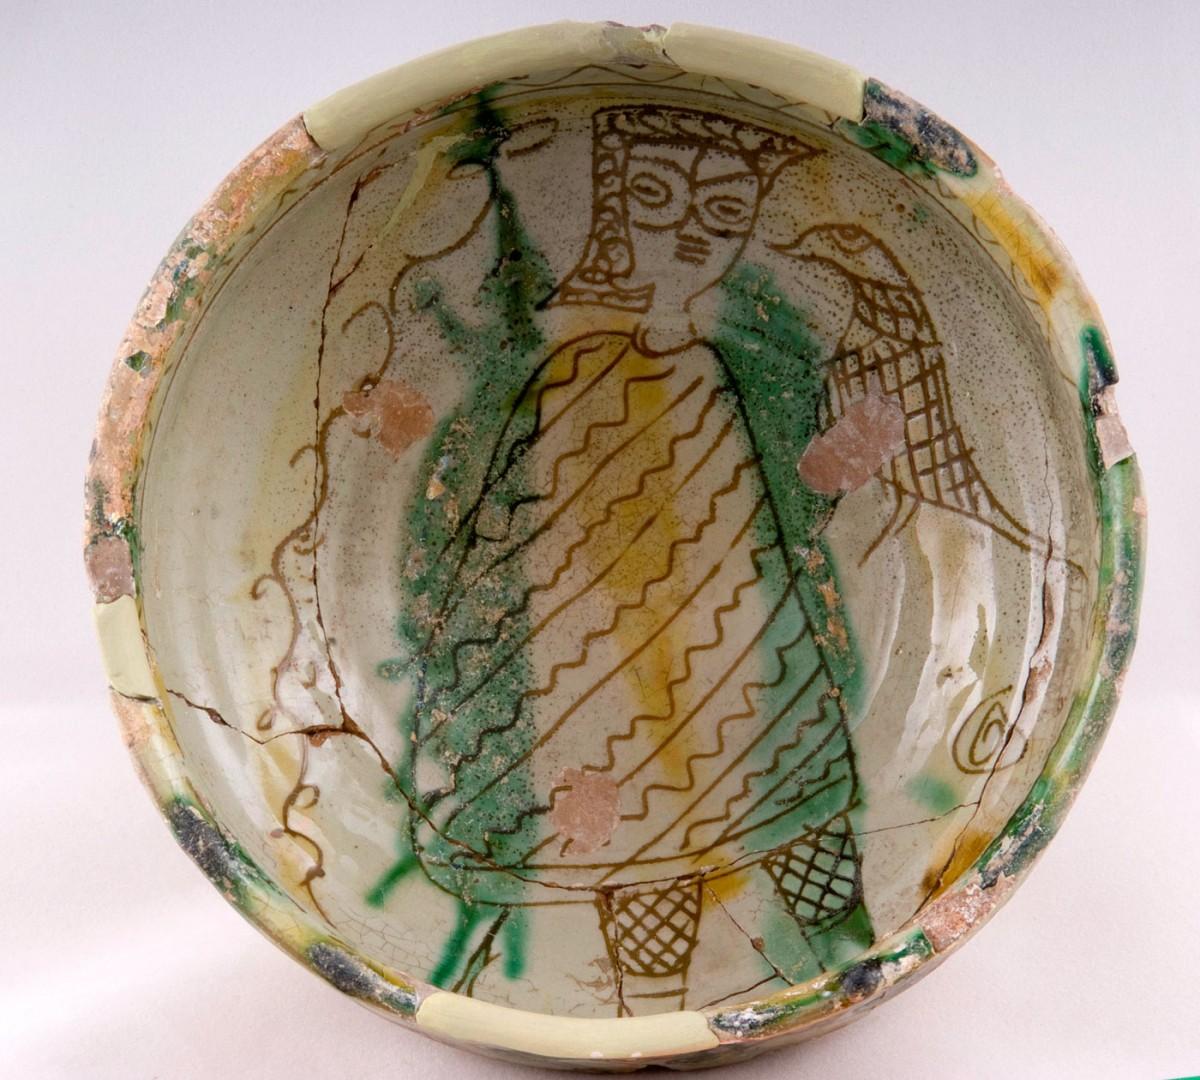 Εφυαλωμένο αγγείο με εγχάρακτη παράσταση κυνηγού γερακάρη. 15ος αι. μ.Χ. Συλλογή: Λεβέντειο Δημοτικό Μουσείο Λευκωσίας. B/2003/021.